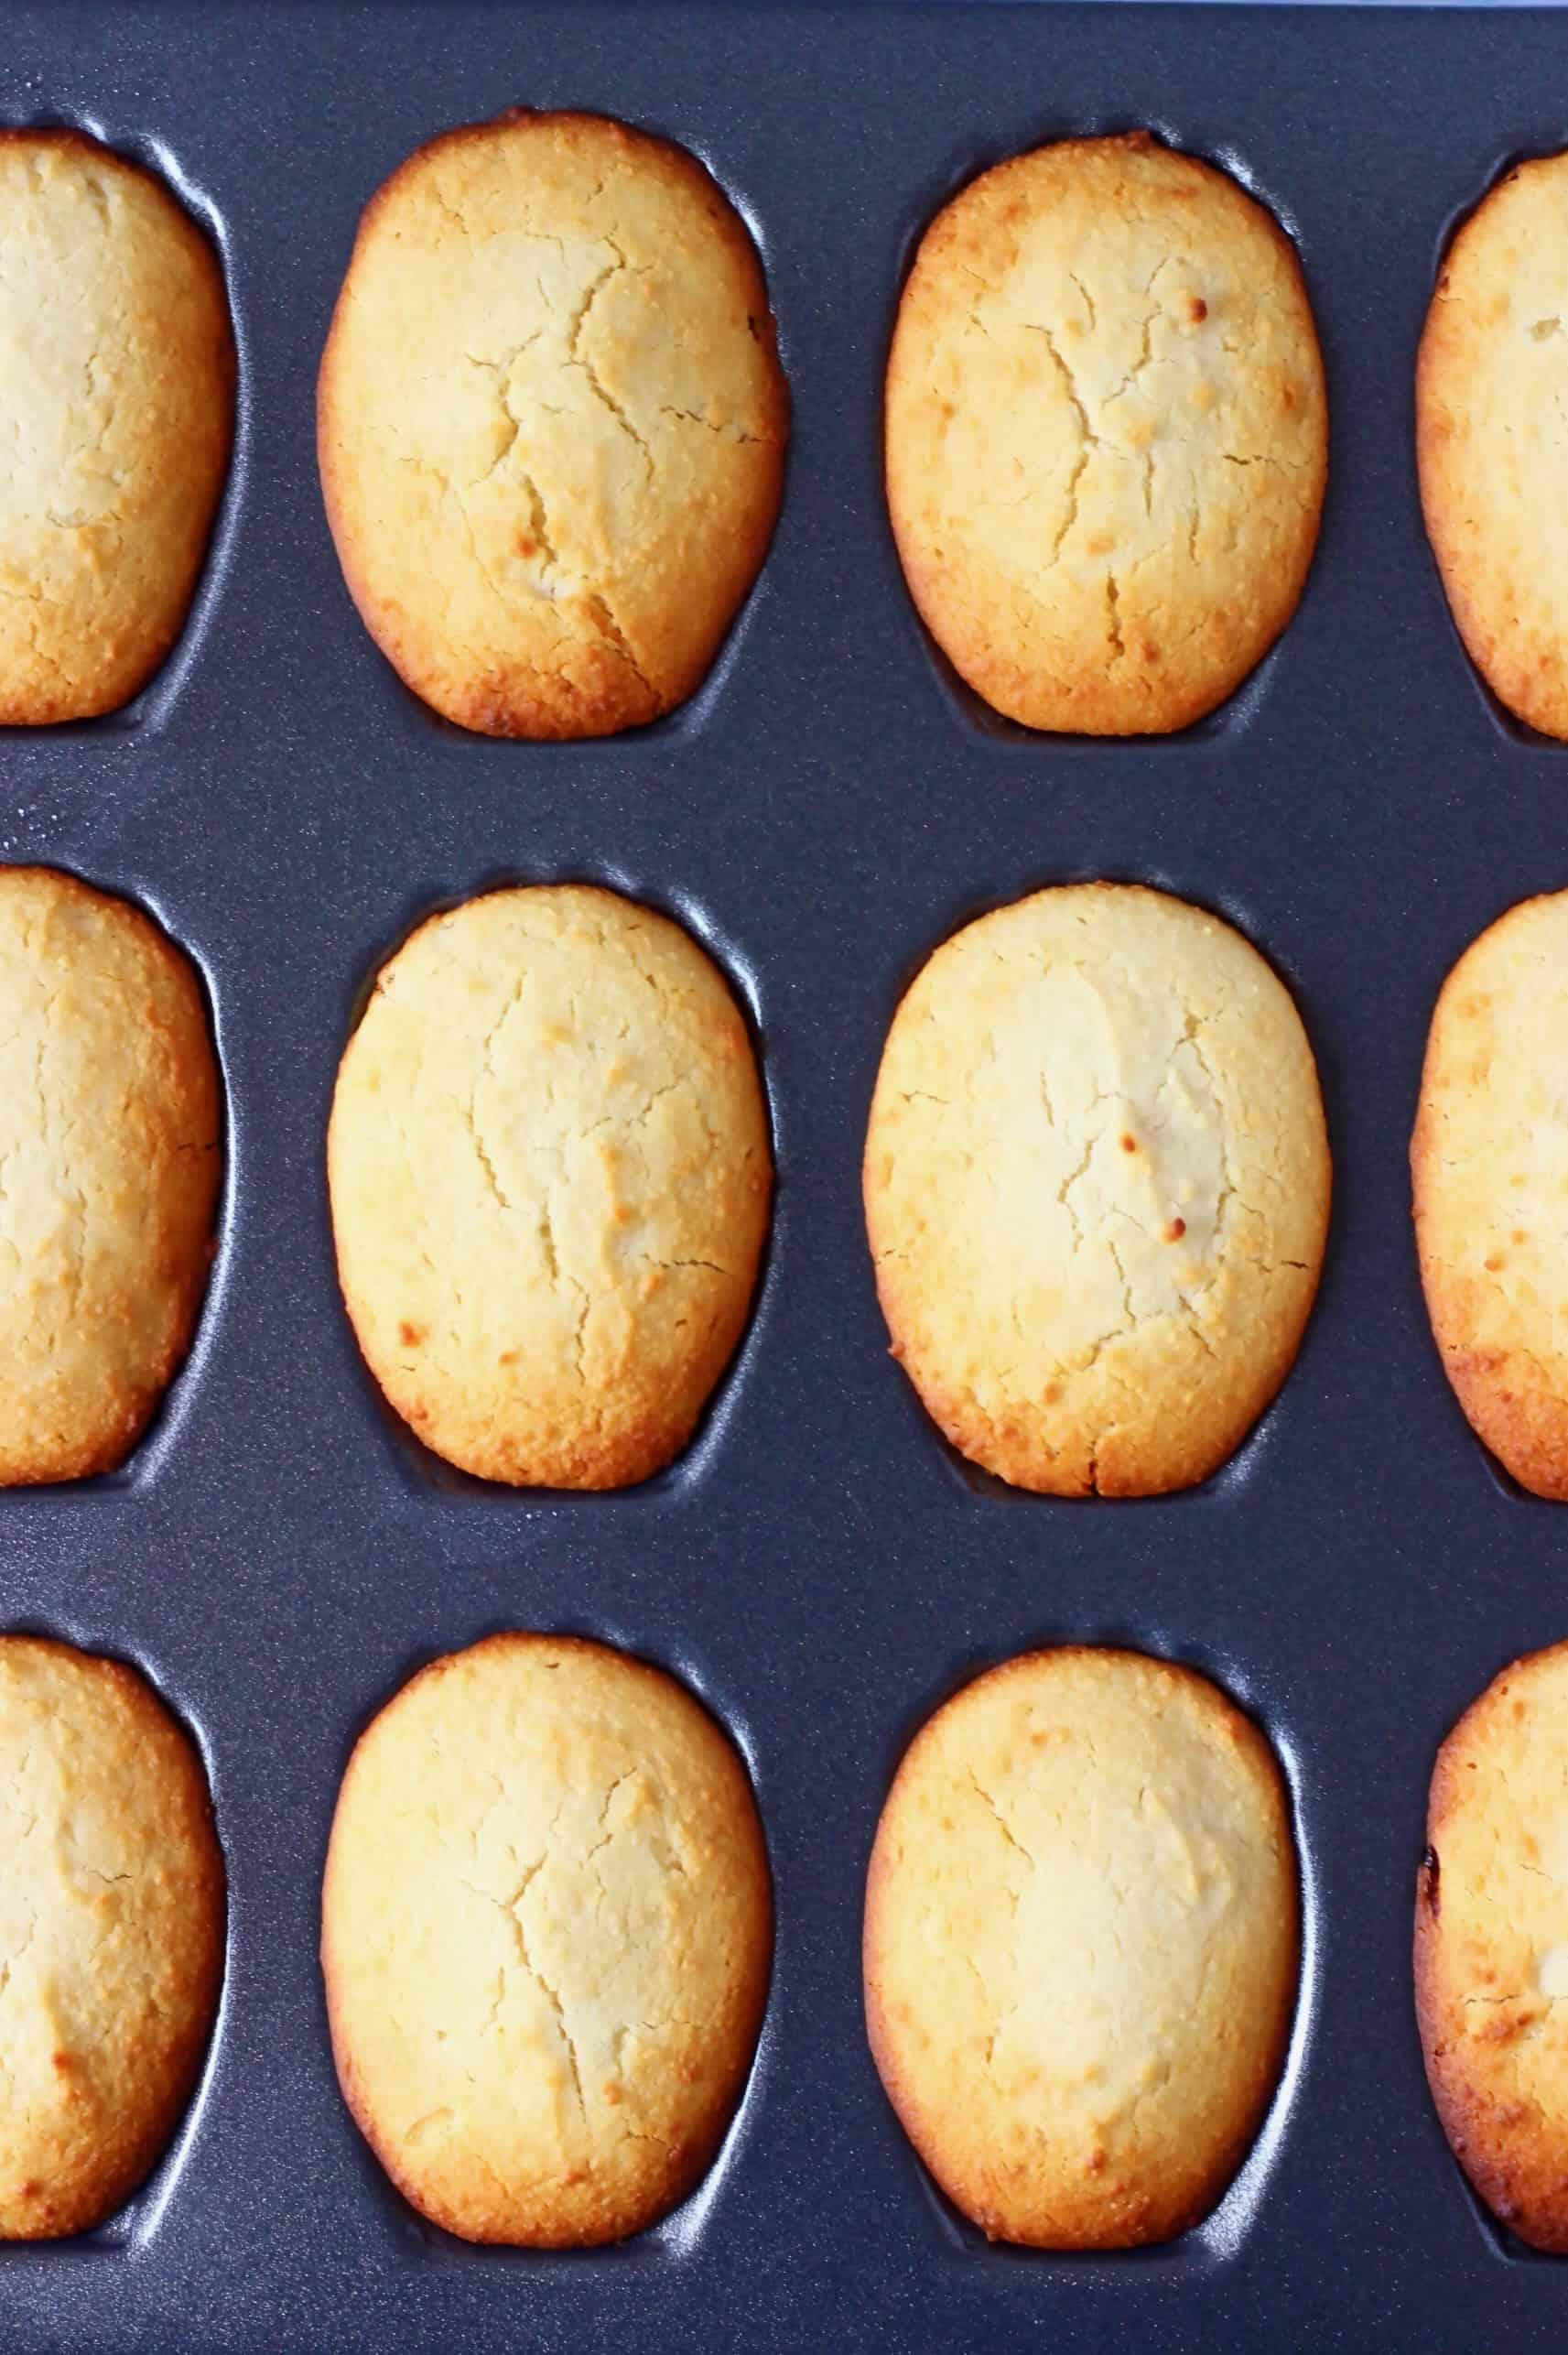 Twelve gluten-free vegan madeleines in a silver madeleine tin